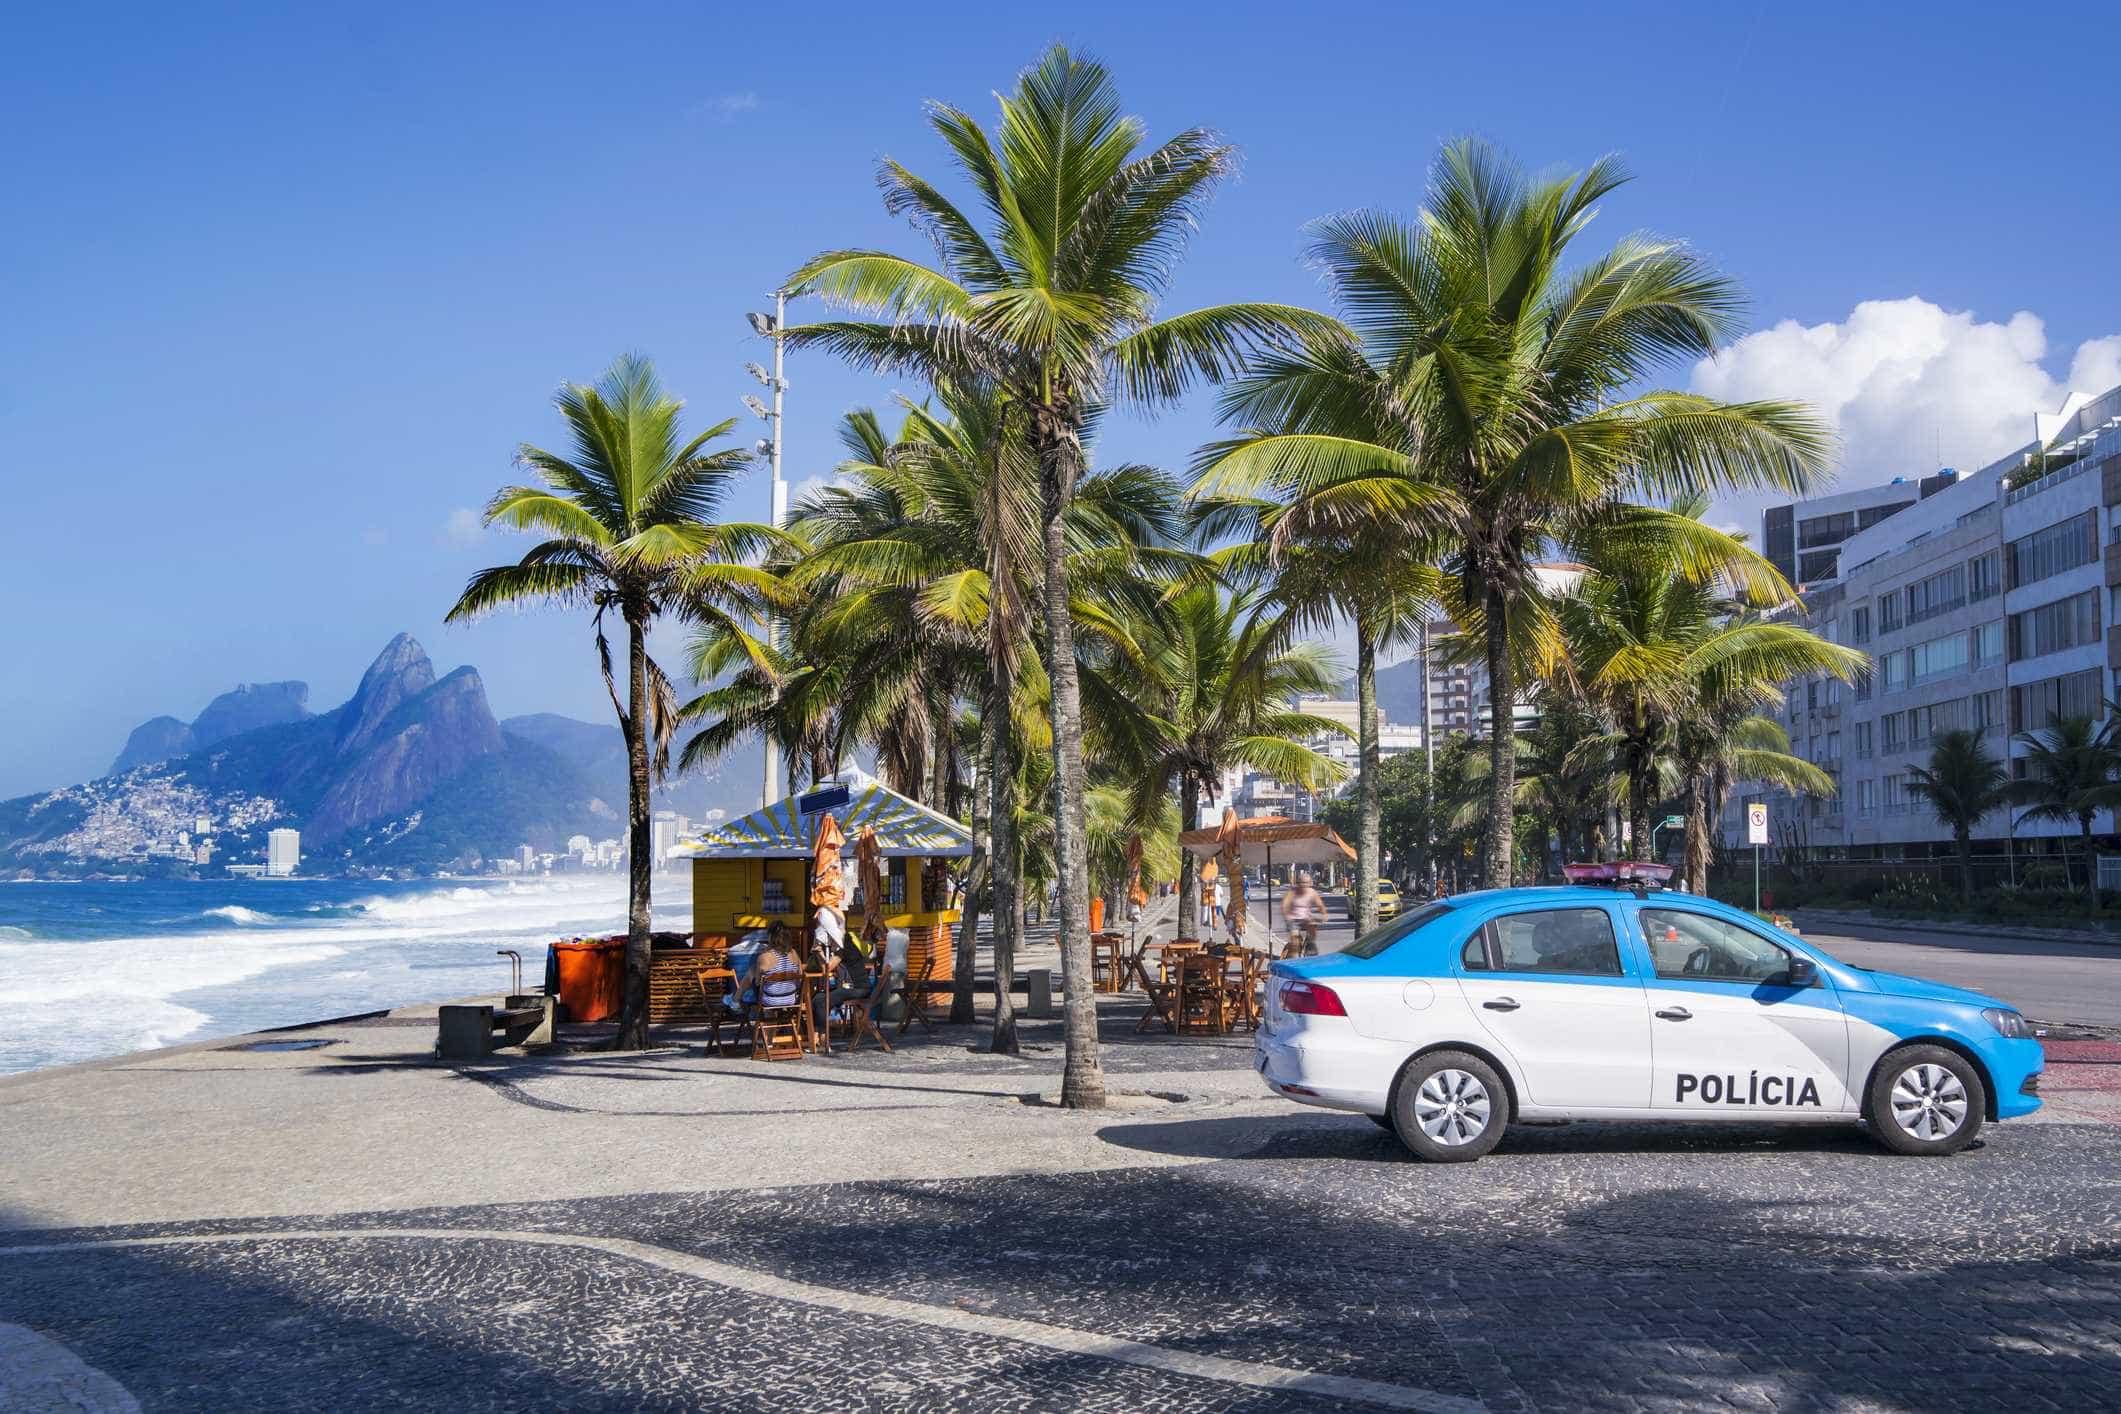 Polícia do RJ matou 160 pessoas em janeiro; 2º maior patamar desde 98